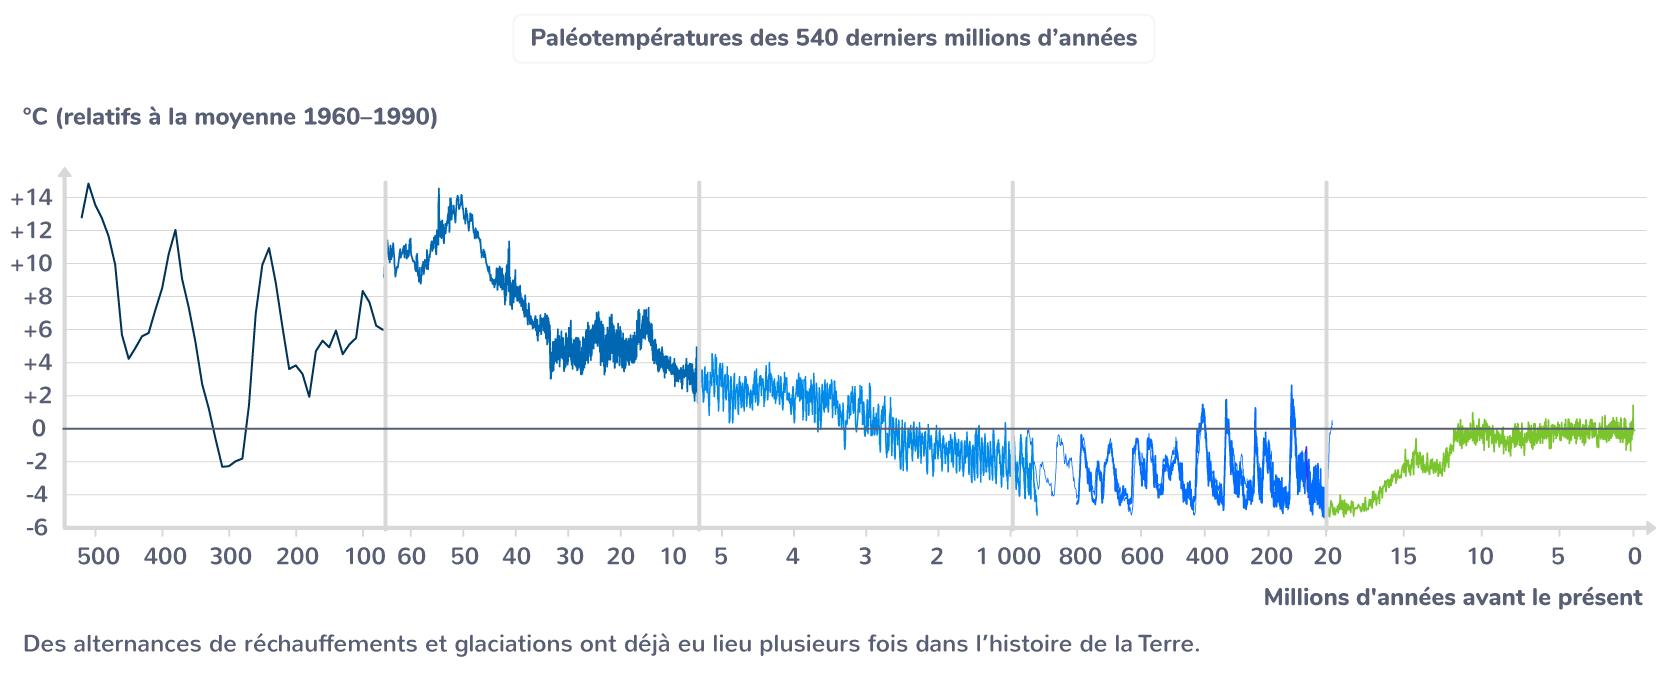 Paléotempératures des 540 derniers millions d'années